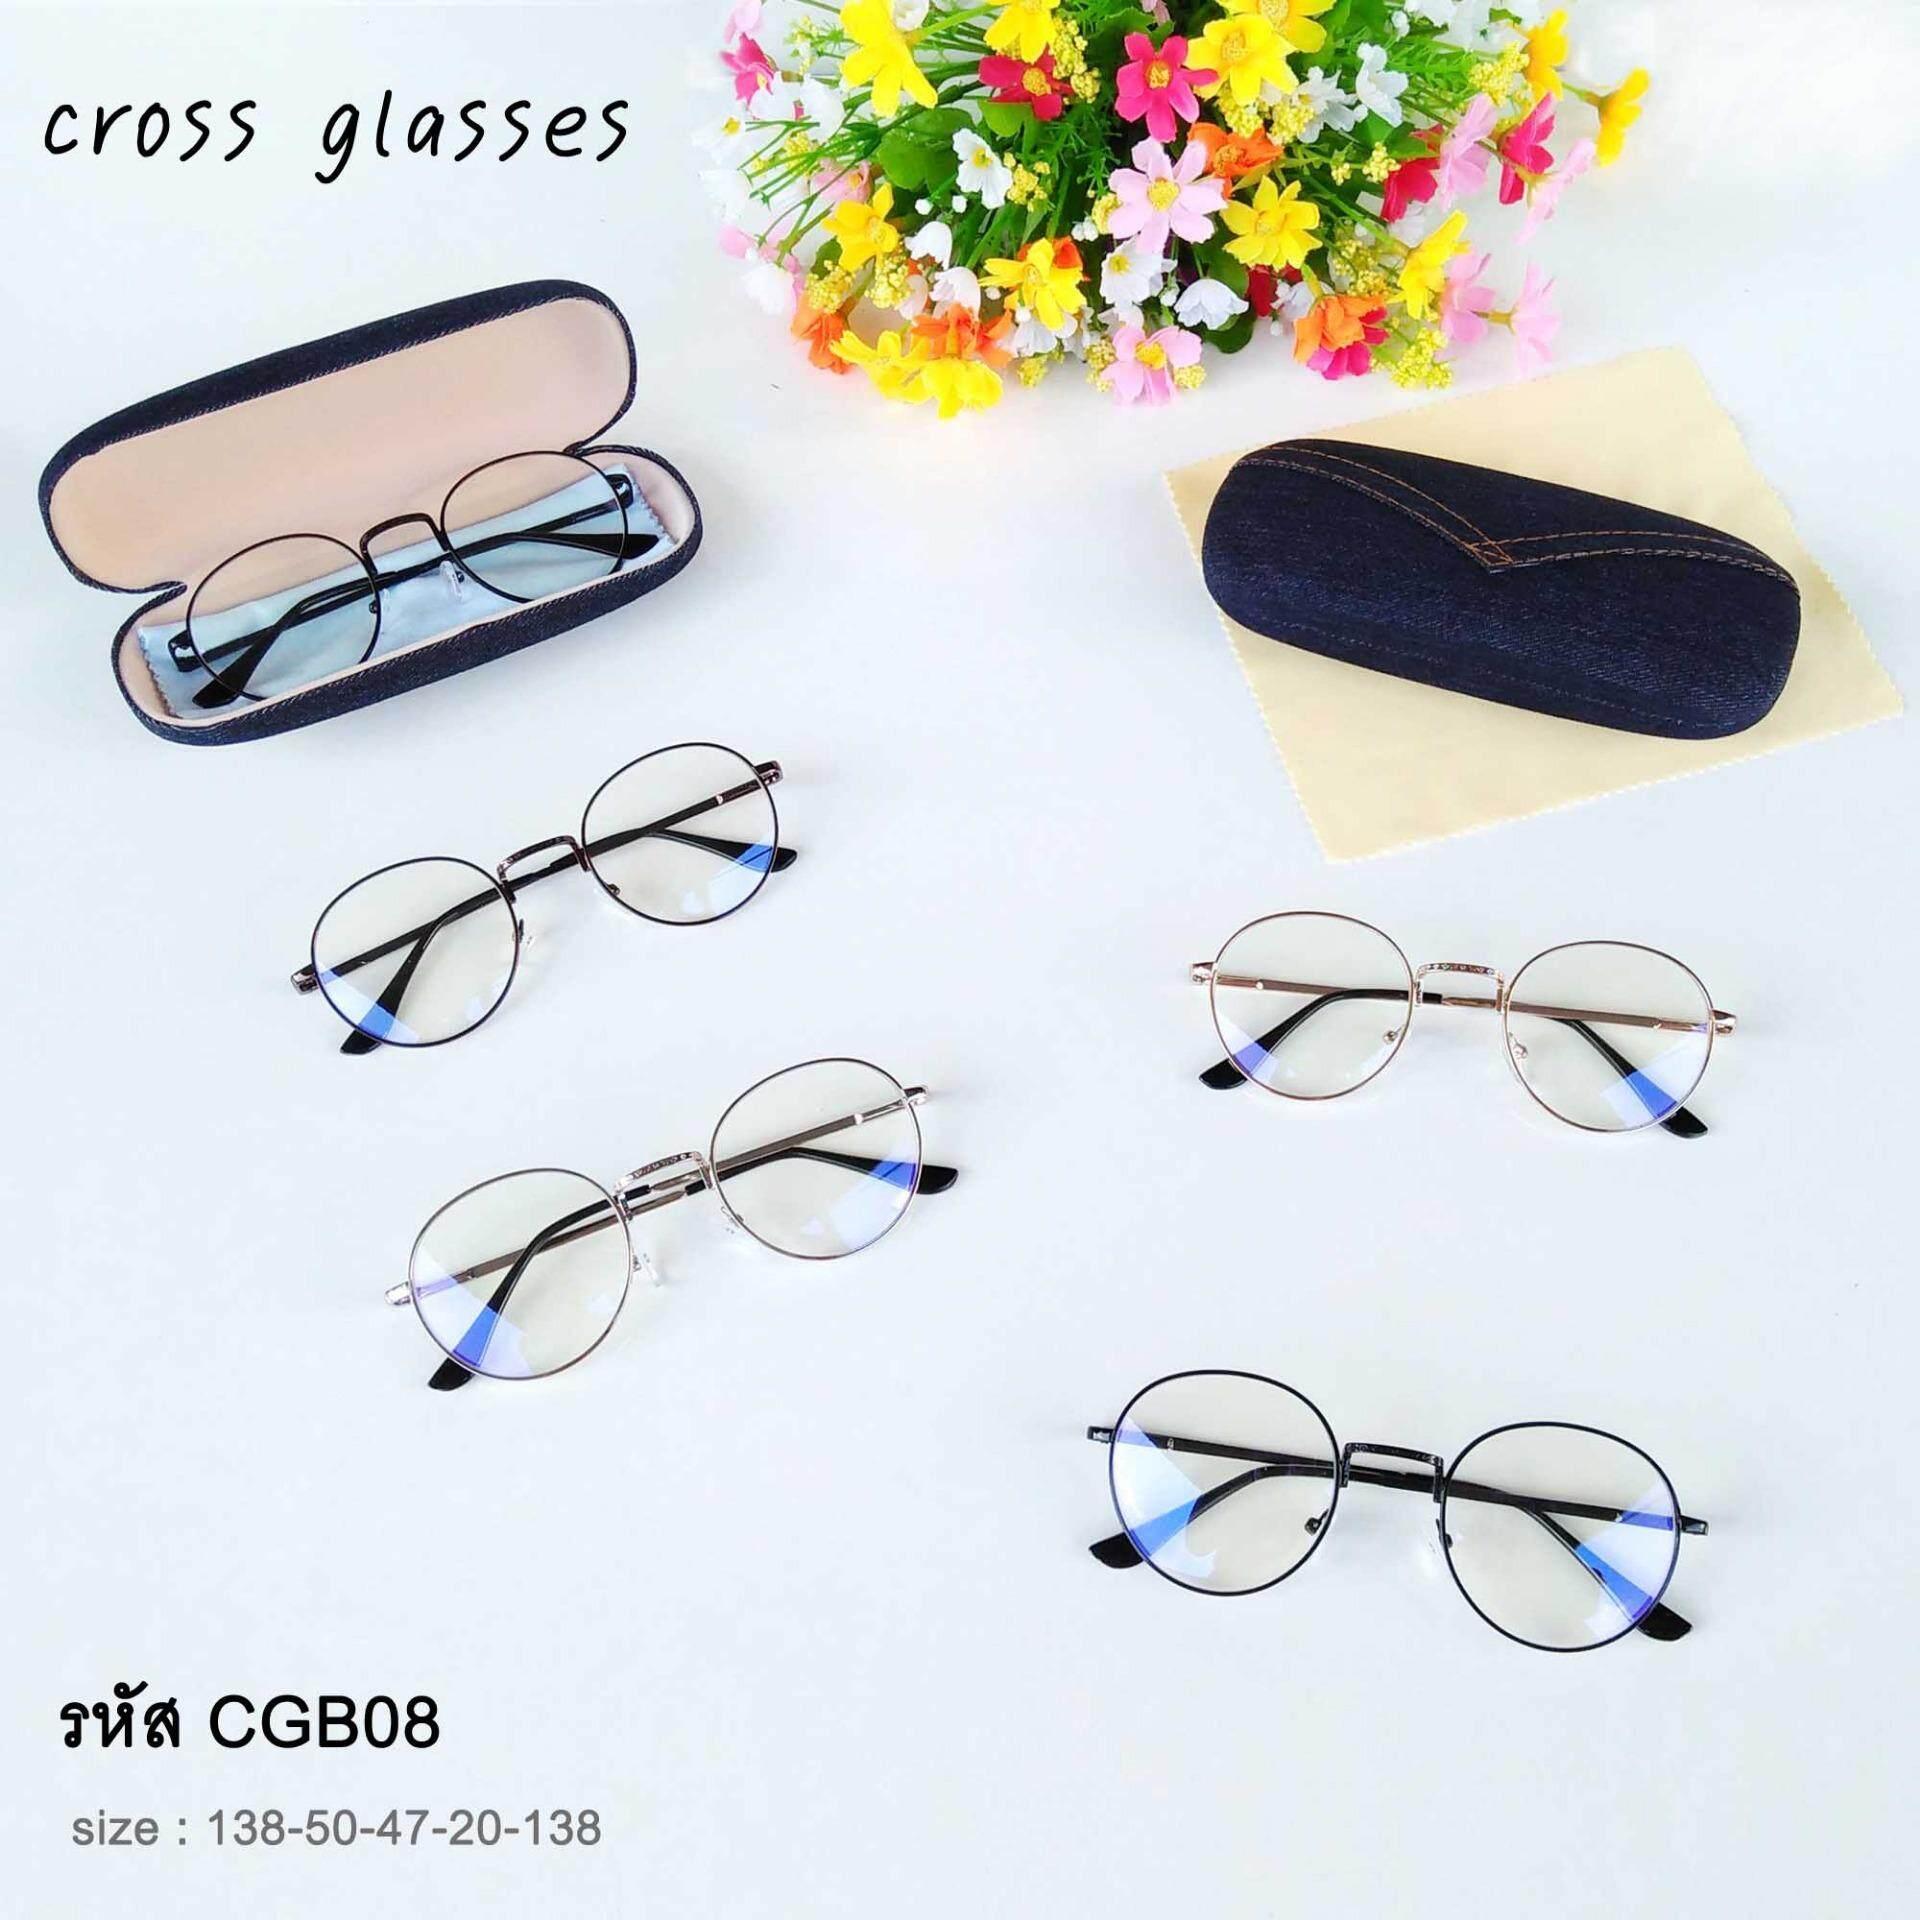 แว่นตากรองแสง คุณภาพดี ทรงหยดน้ำ สไตล์เกาหลี รหัส Cgb08.